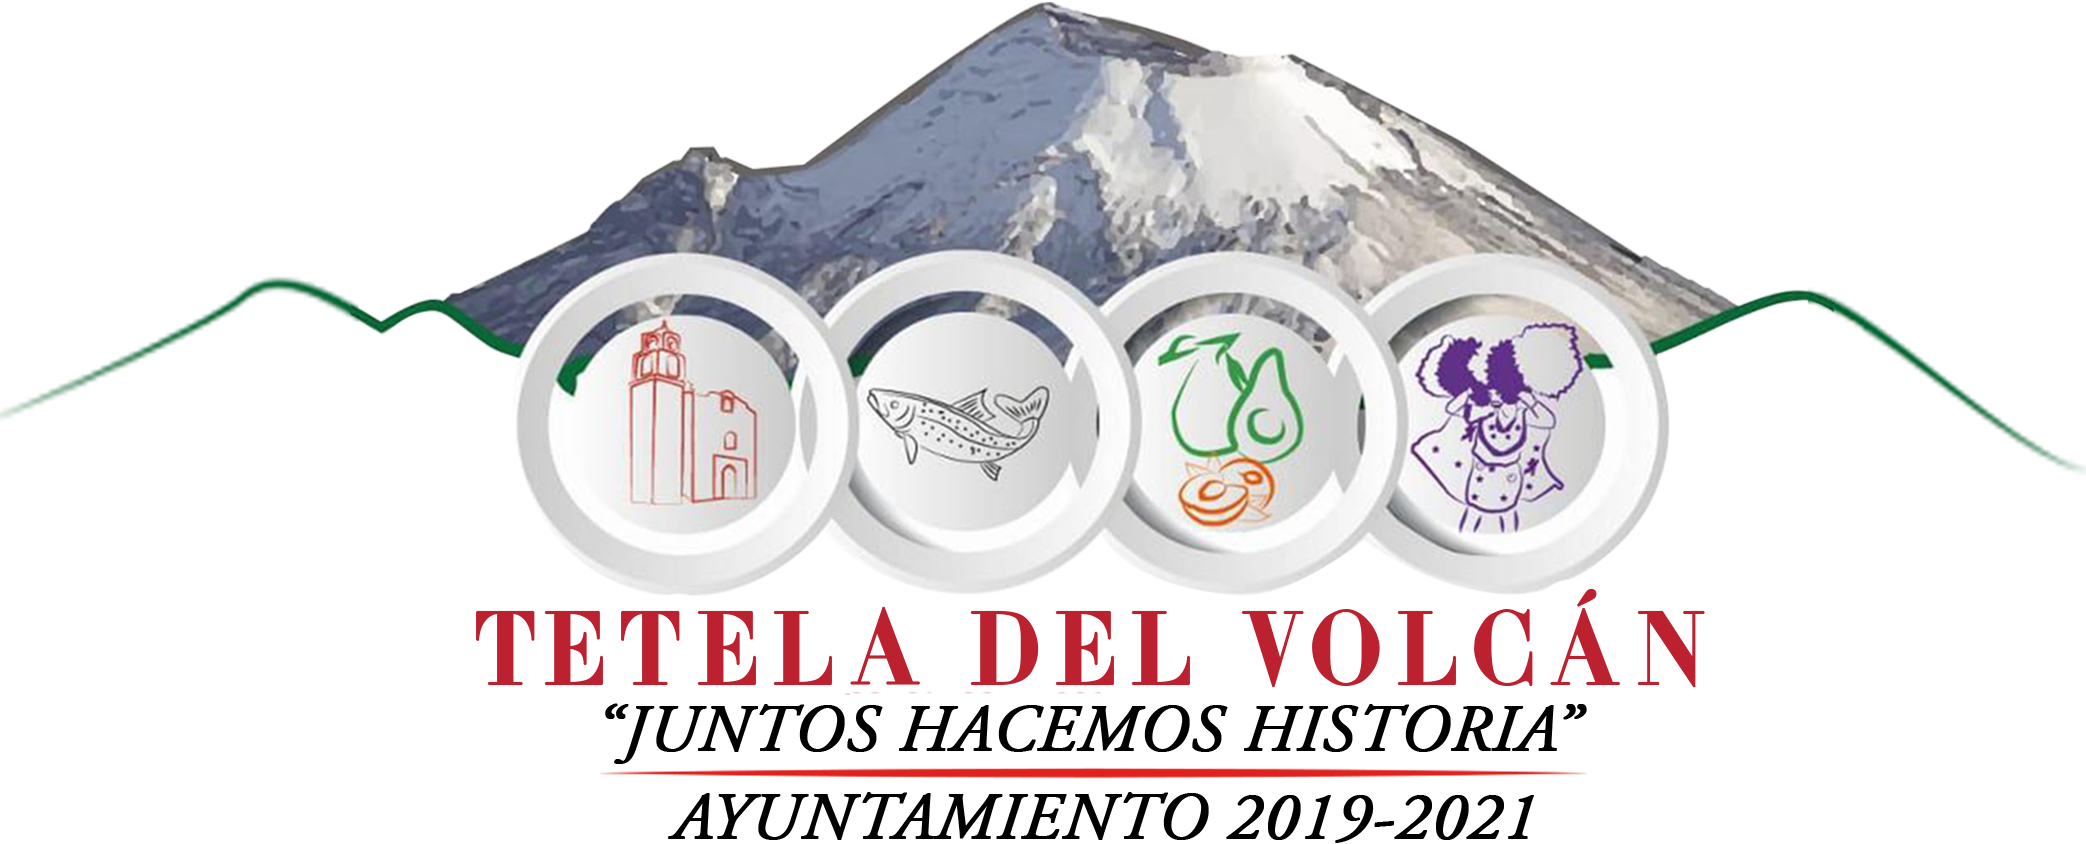 Municipio de Tetela del Volcán H. Ayuntamiento 2019-2021